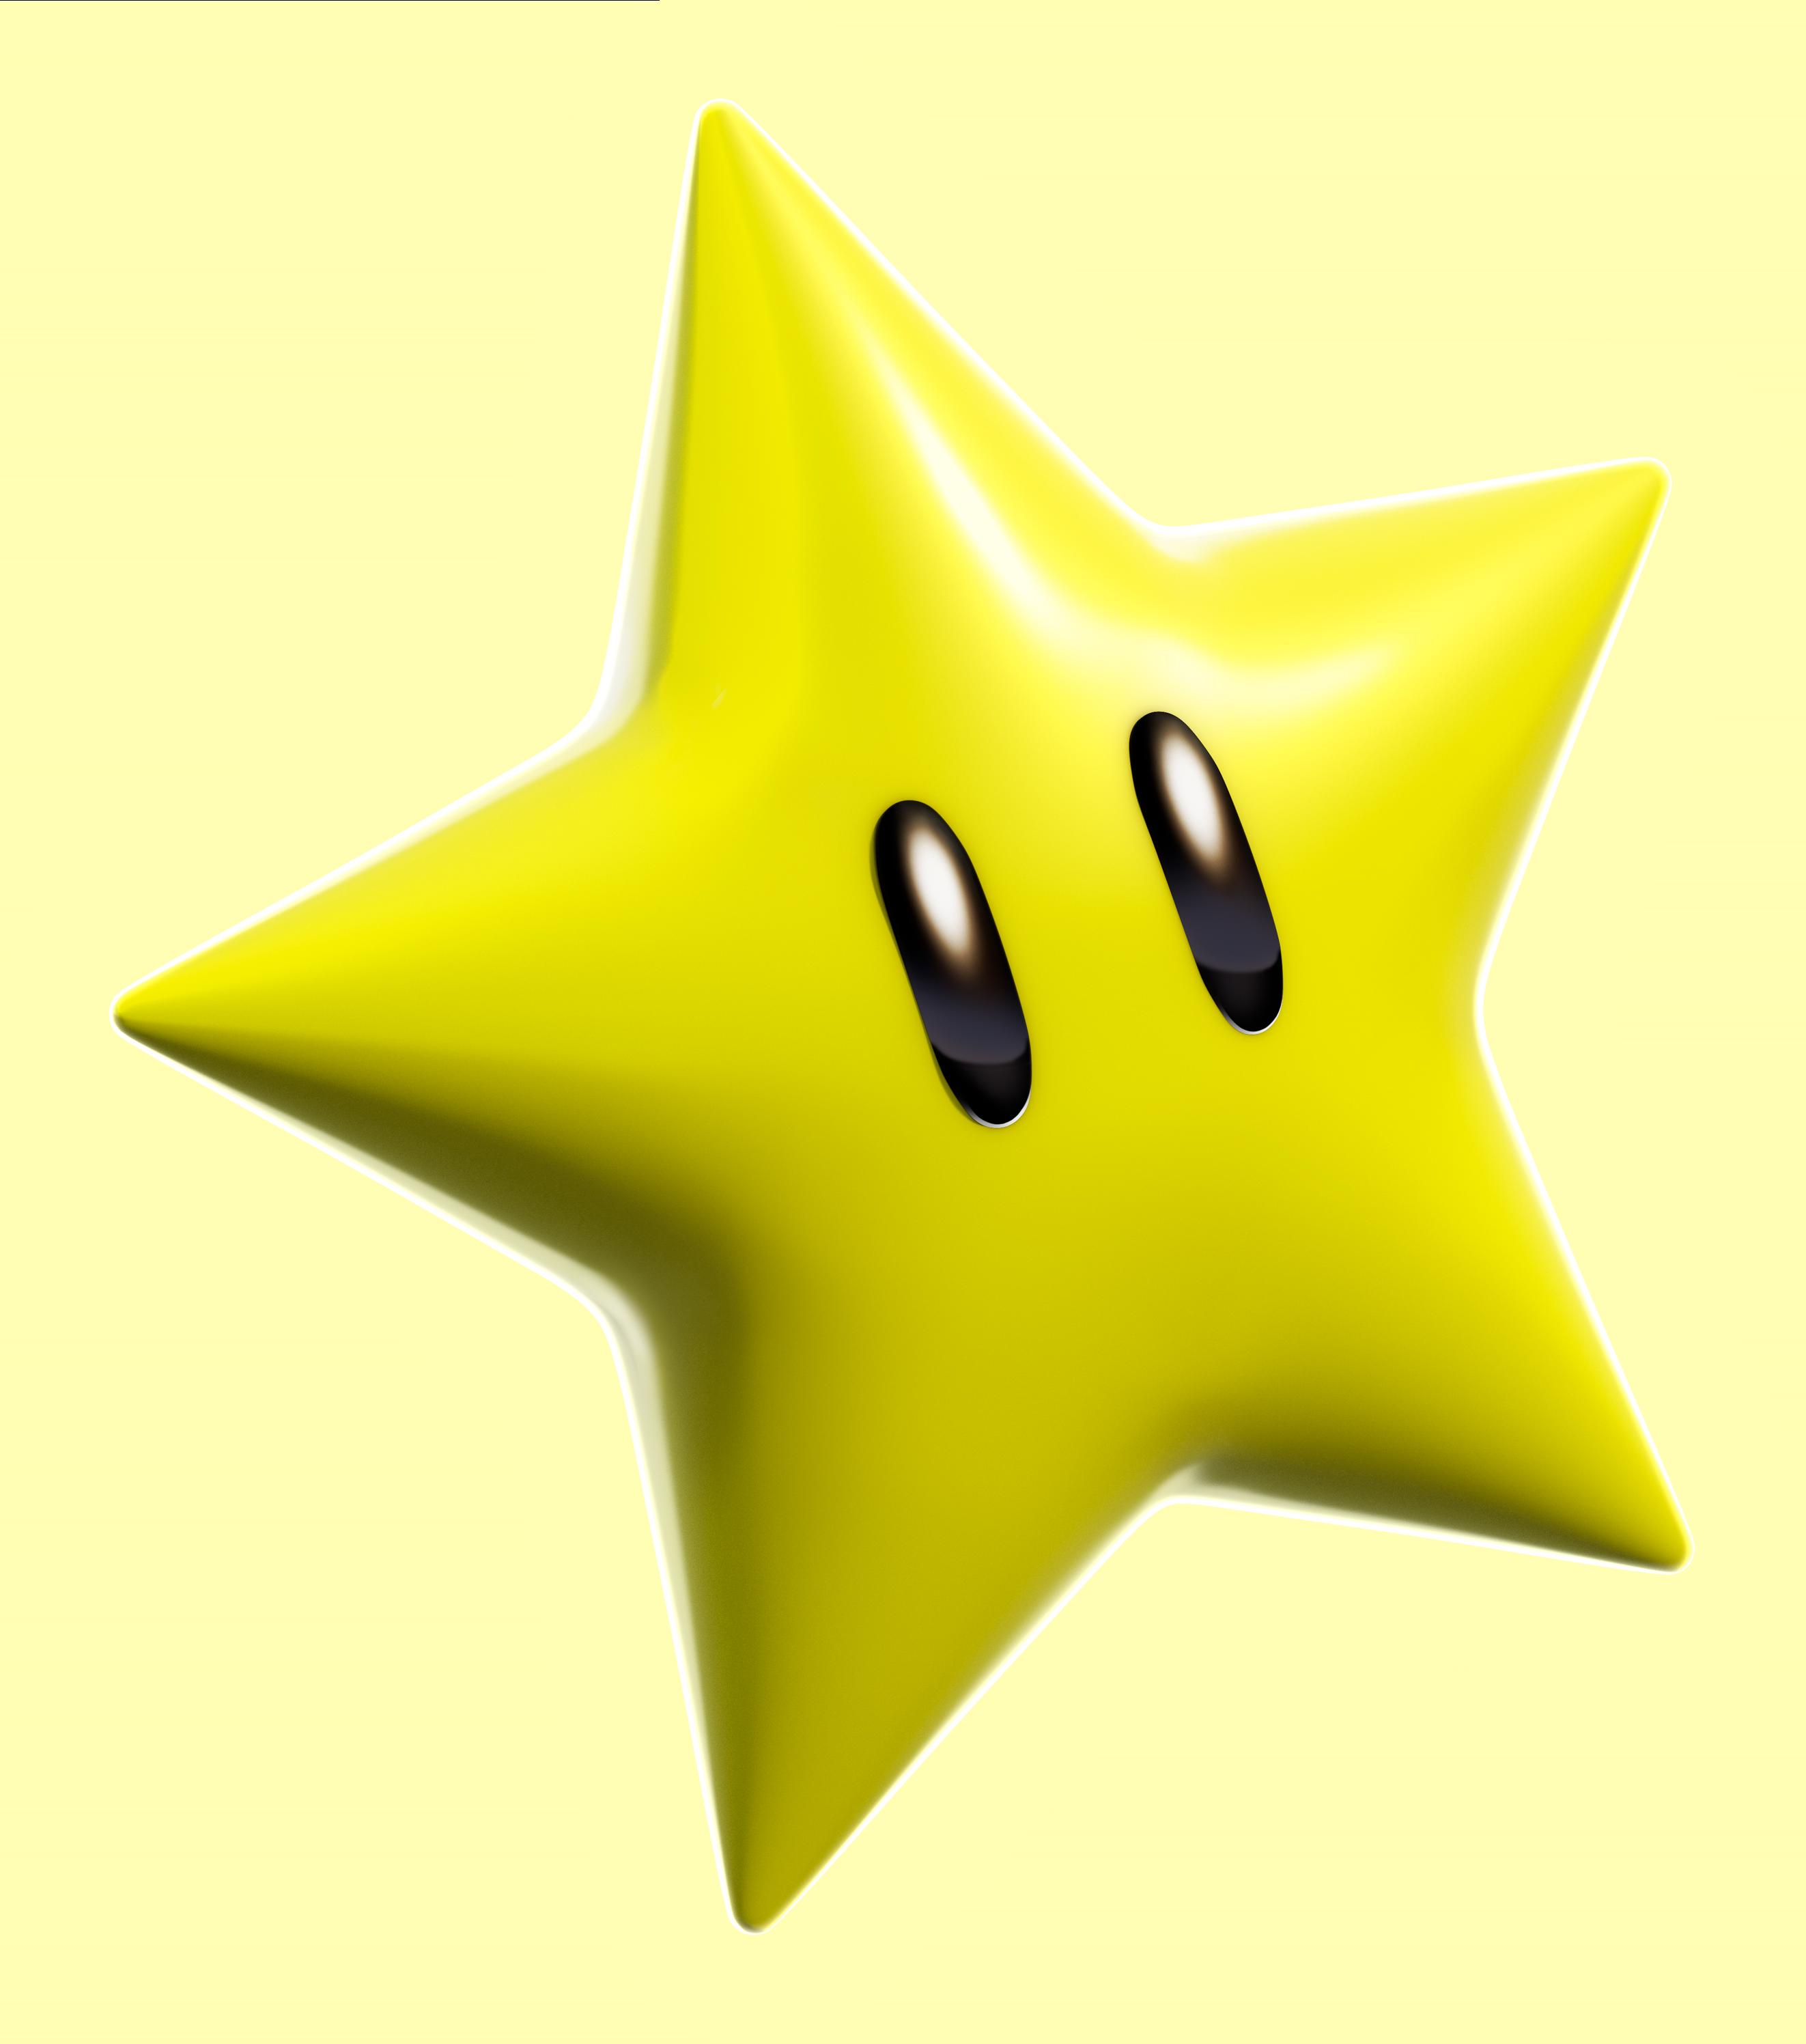 Mario star clipart no background vector freeuse stock My Super Mario Boy: Super Mario 3D World High Resolution Artwork vector freeuse stock